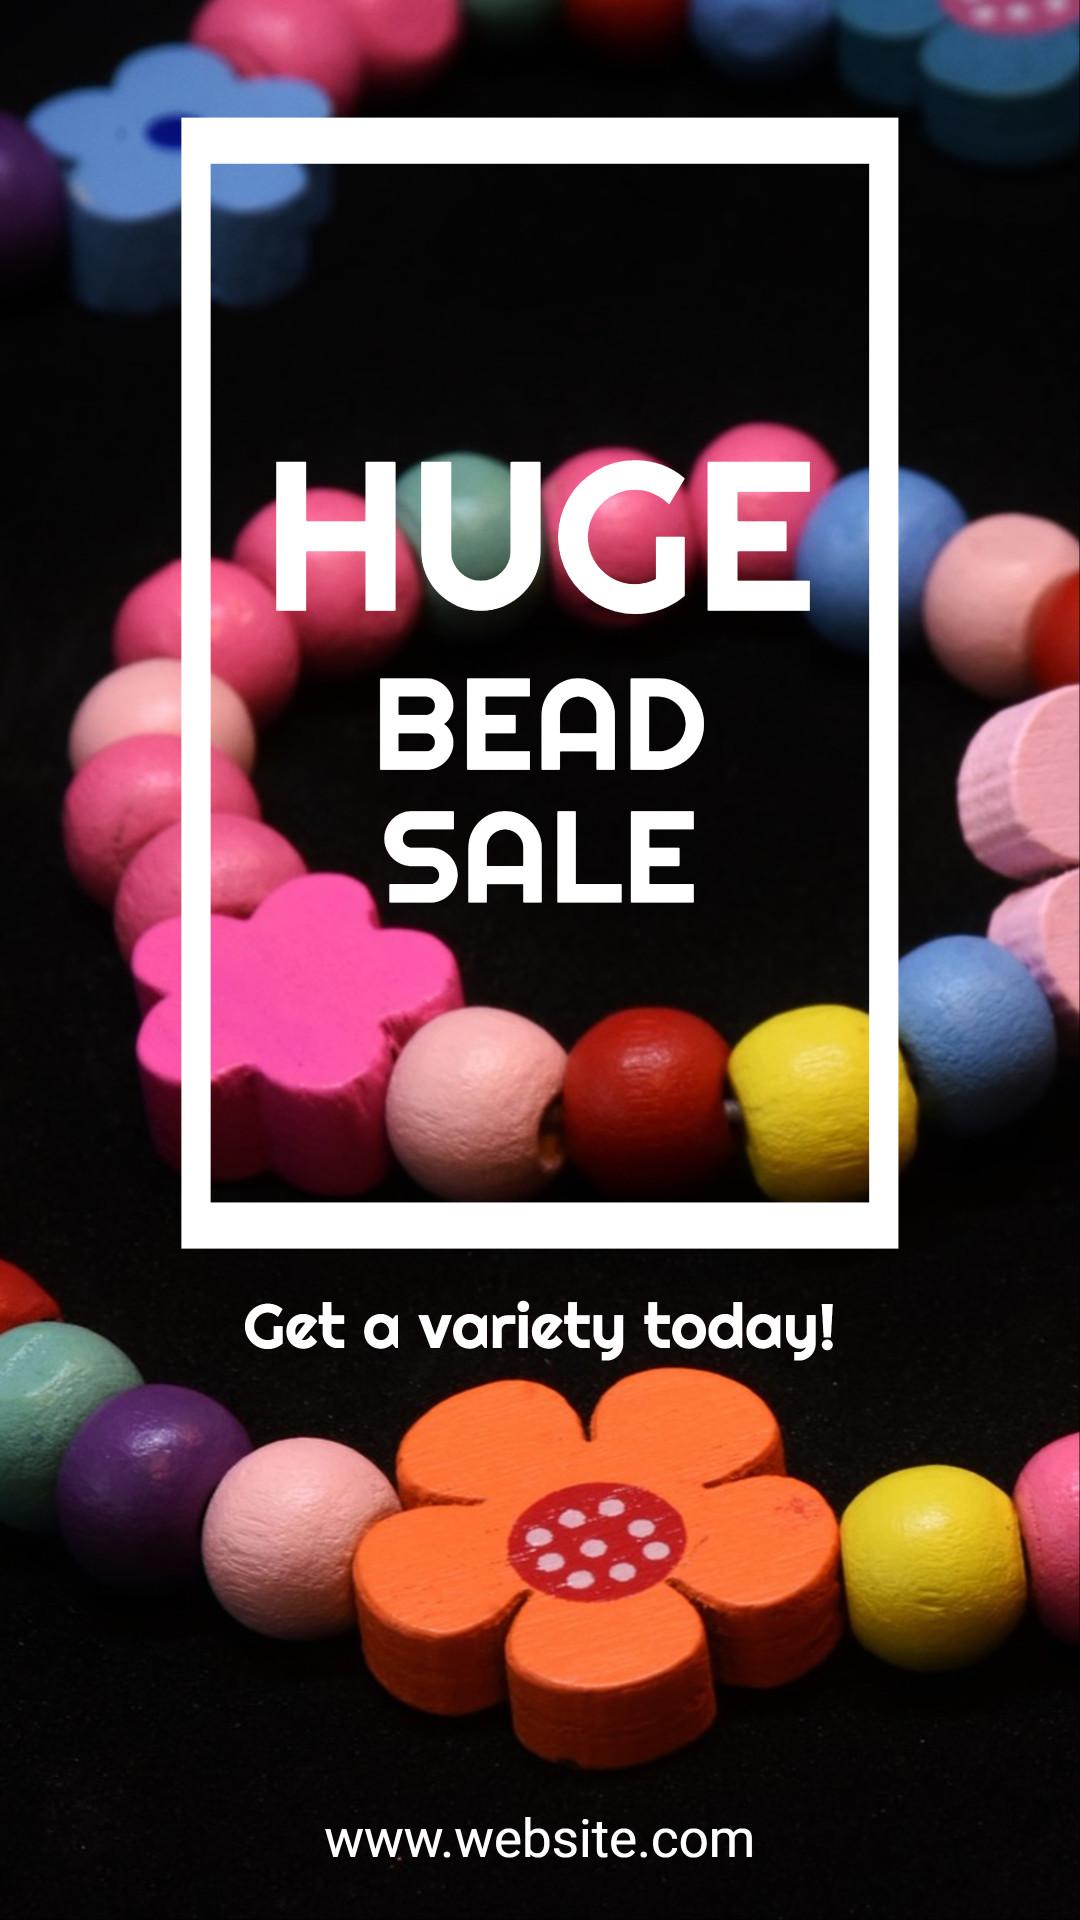 Huge bead sale - Today